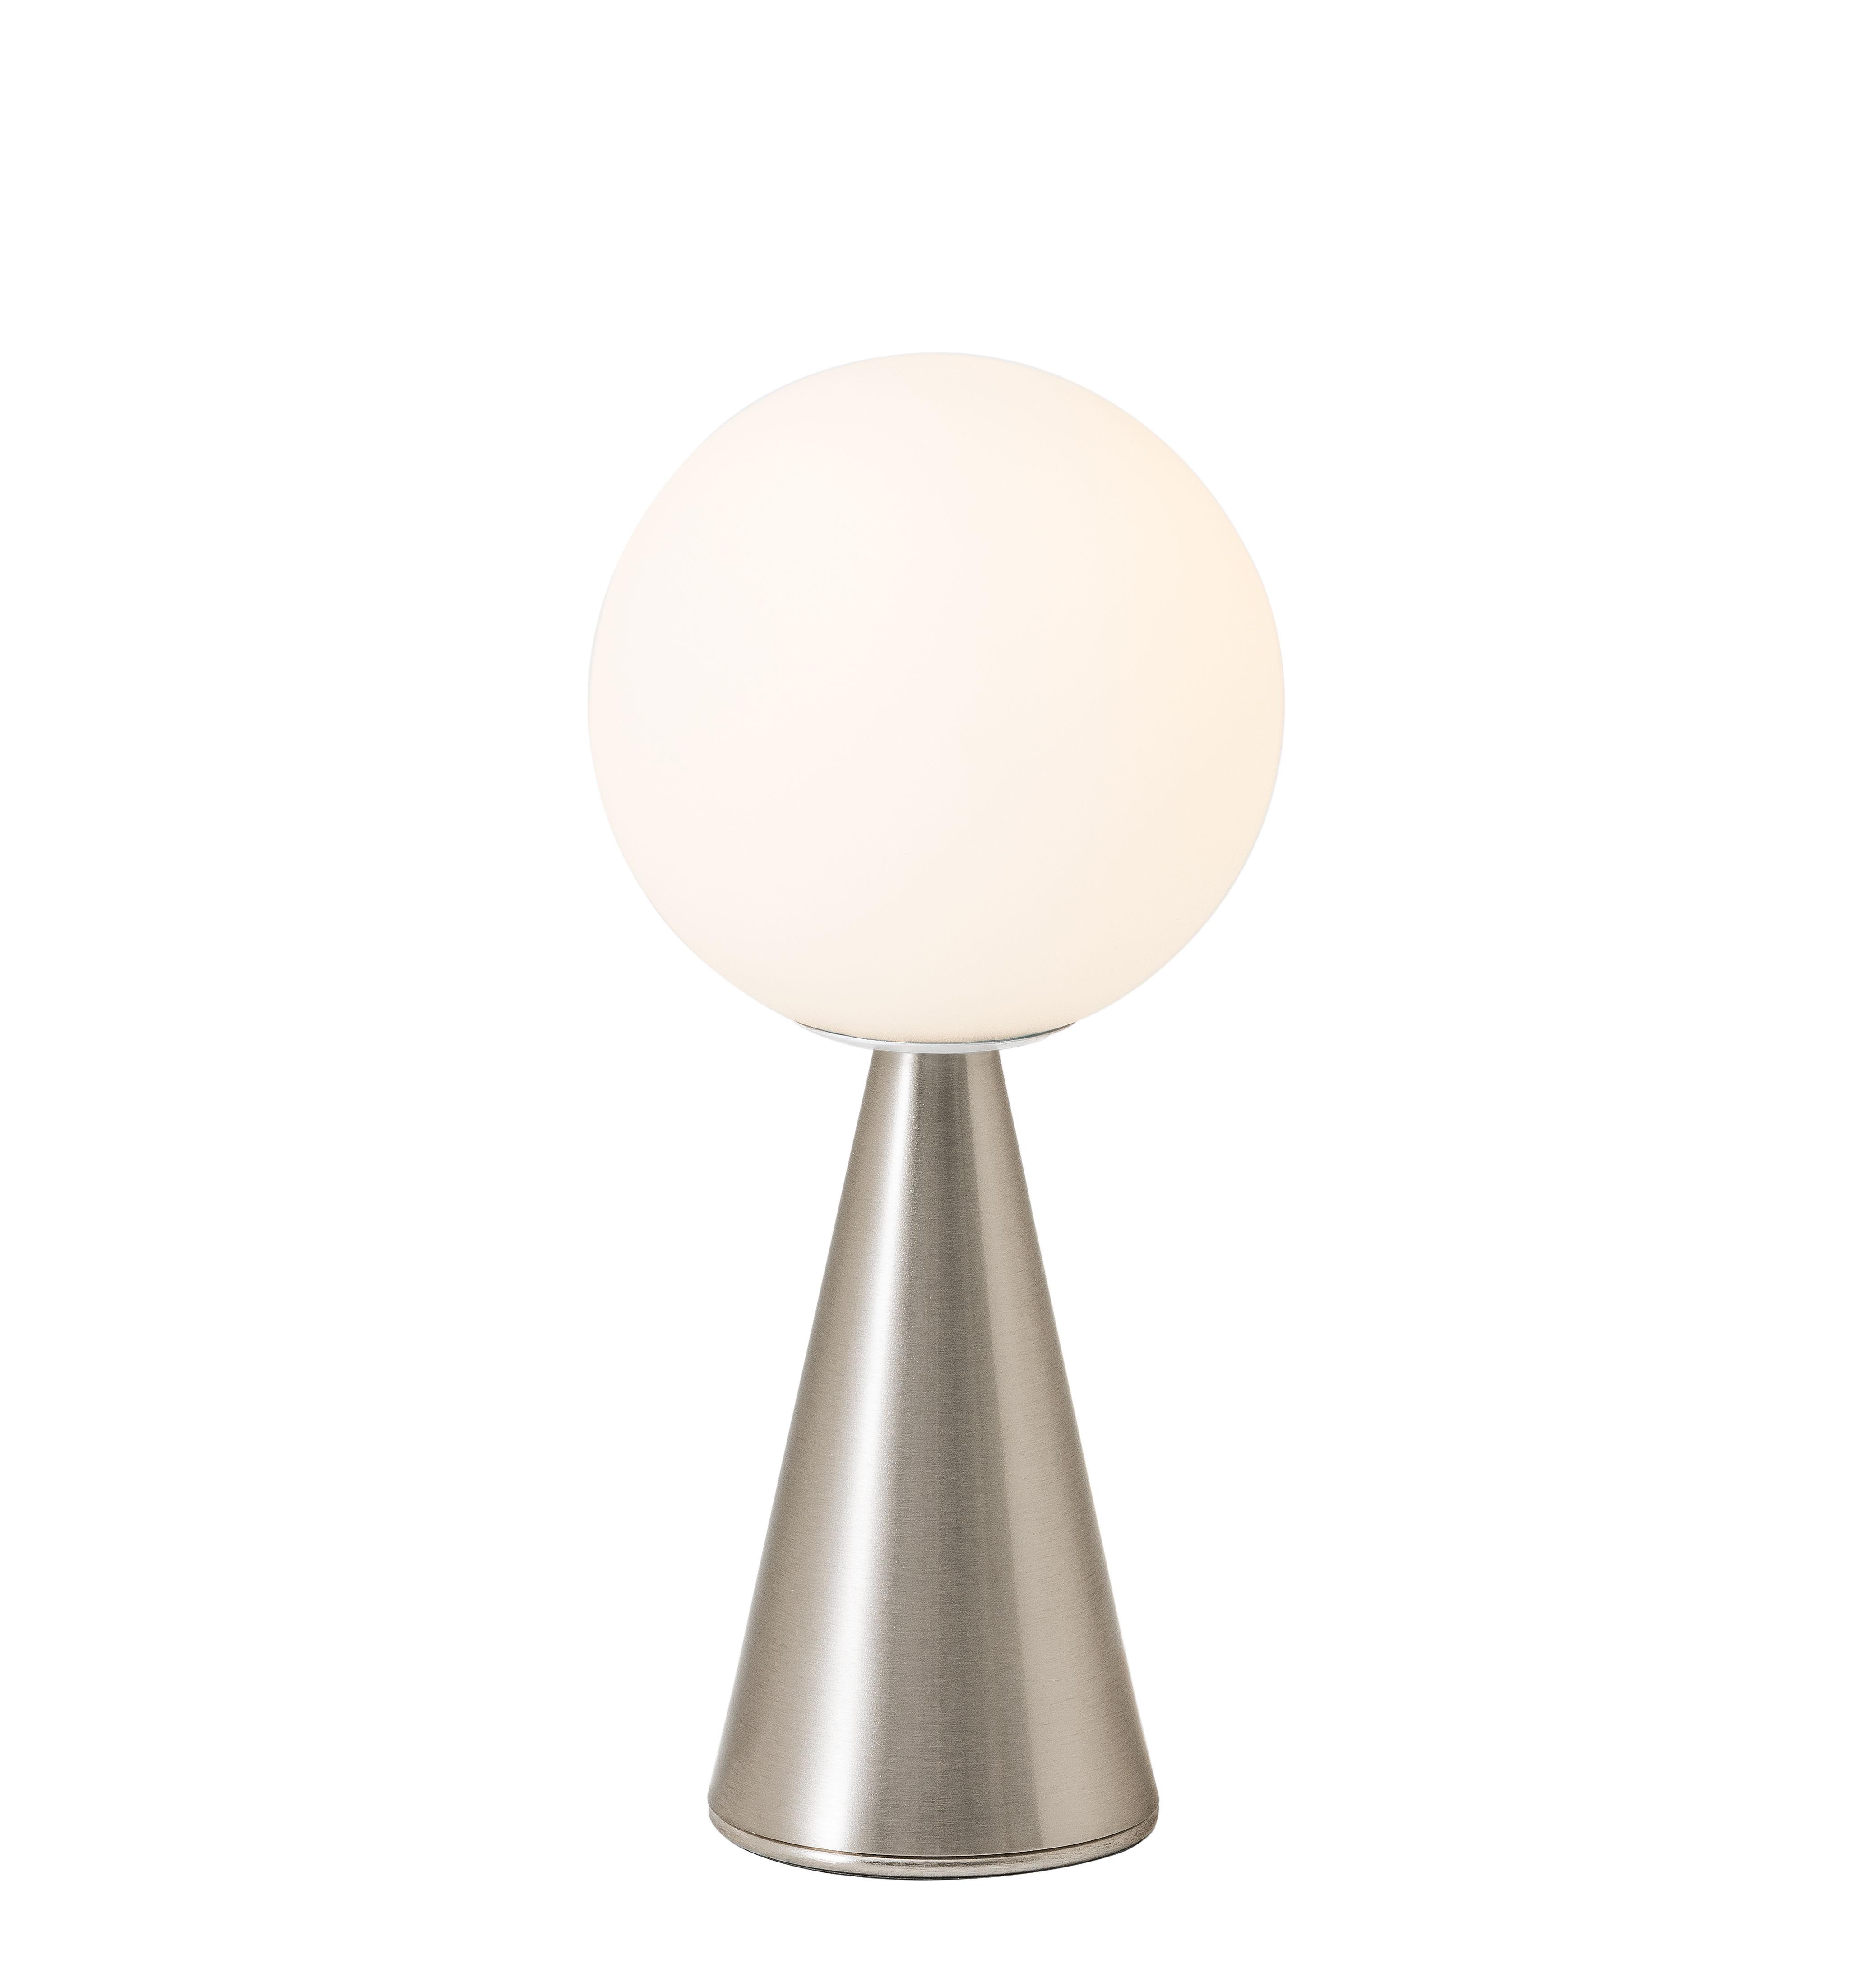 Illuminazione - Lampade da tavolo - Lampada da tavolo Bilia Mini - / By Gio Ponti (1932) di Fontana Arte - Nickel - , Metallo